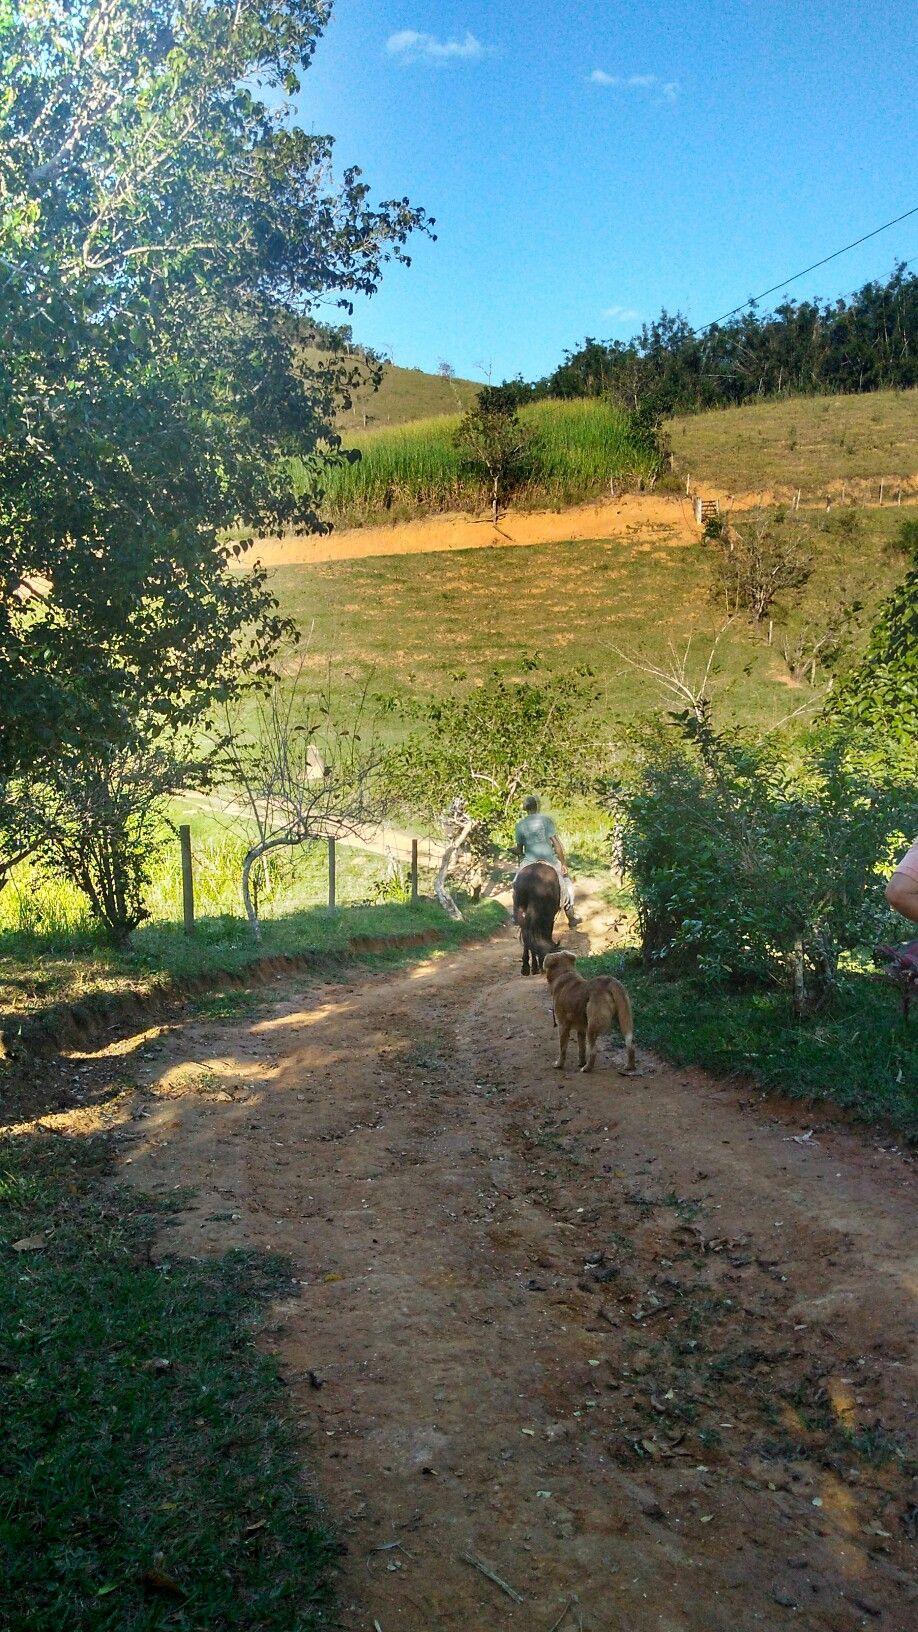 Beautiful To Me Com Imagens Lindas Paisagens Paisagem Rural